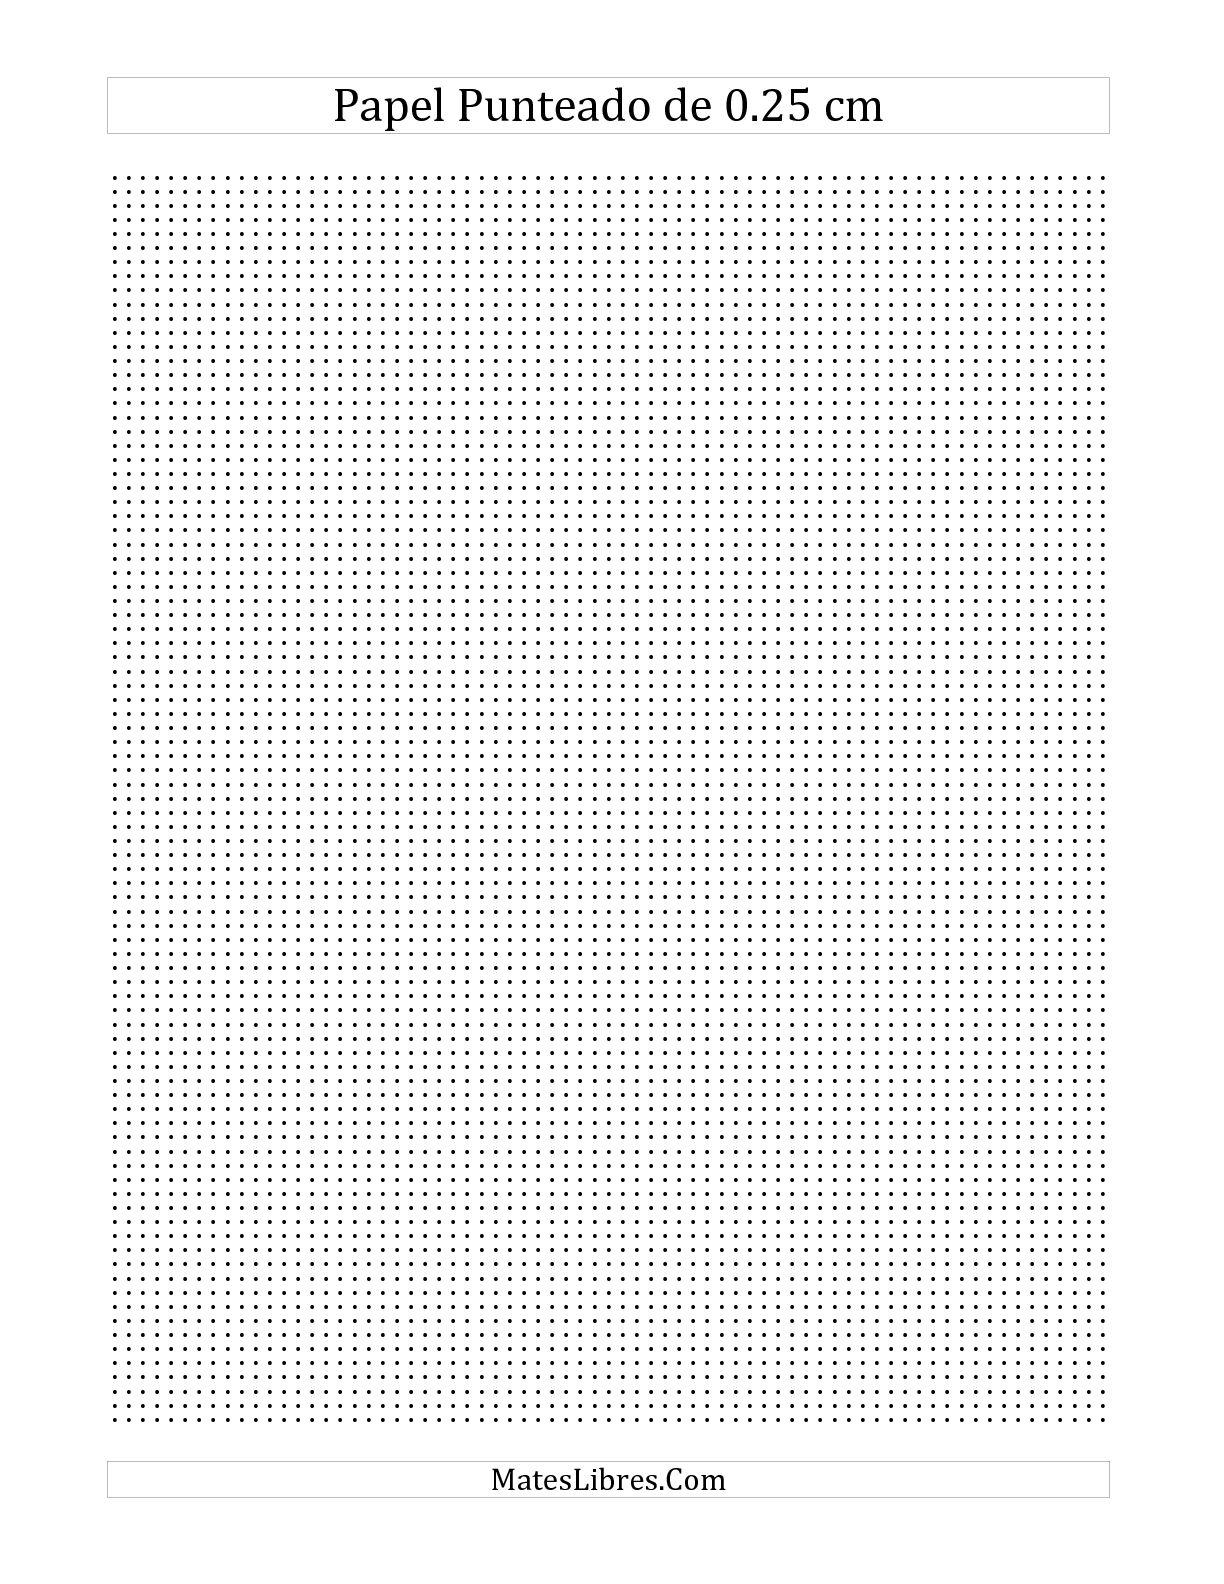 La Papel Punteado de 0.25 cm (A) Hoja de Ejercicio de Papel Cuadriculado